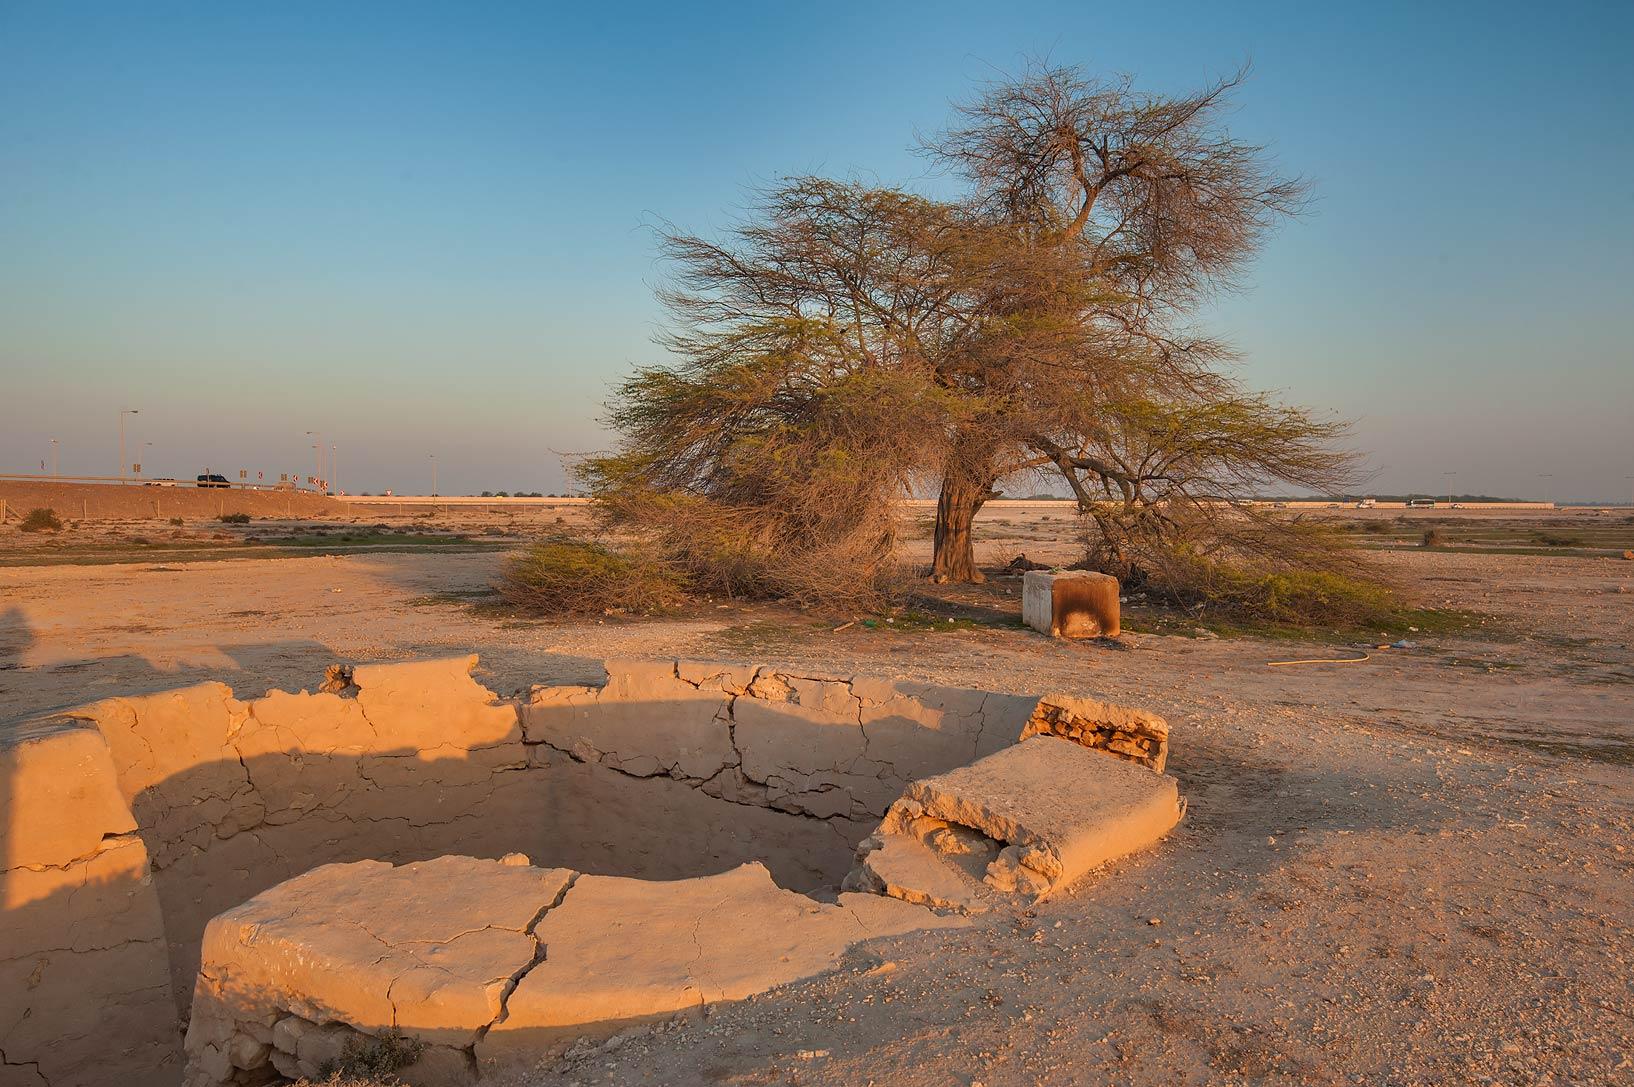 photo 175401 uwaynat bin husayn water well near